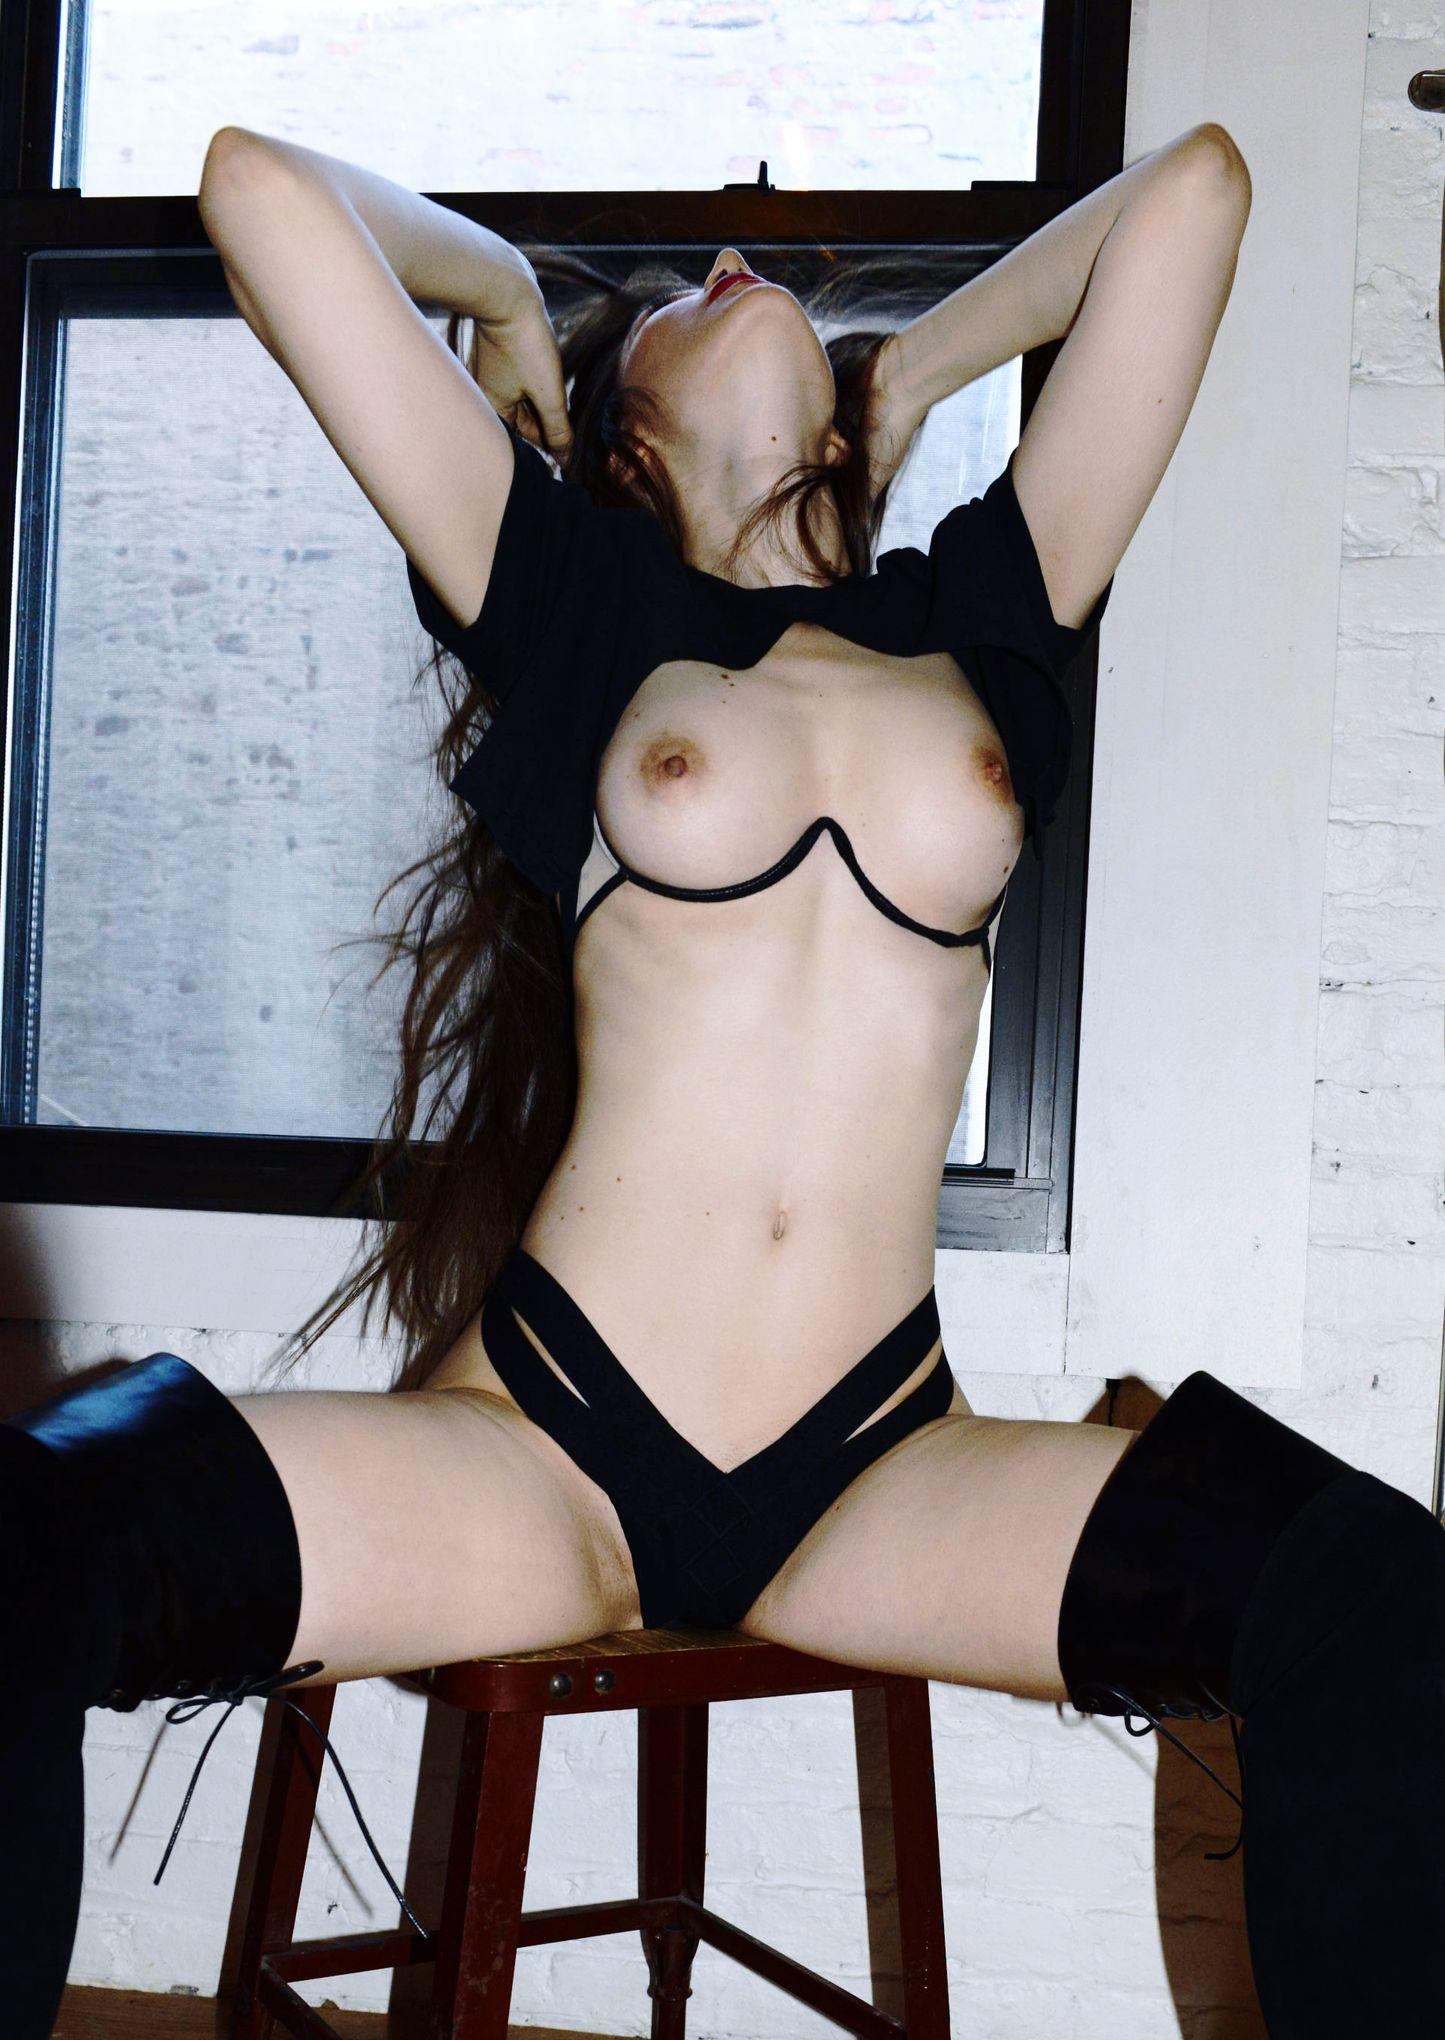 Taryn andreatta topless